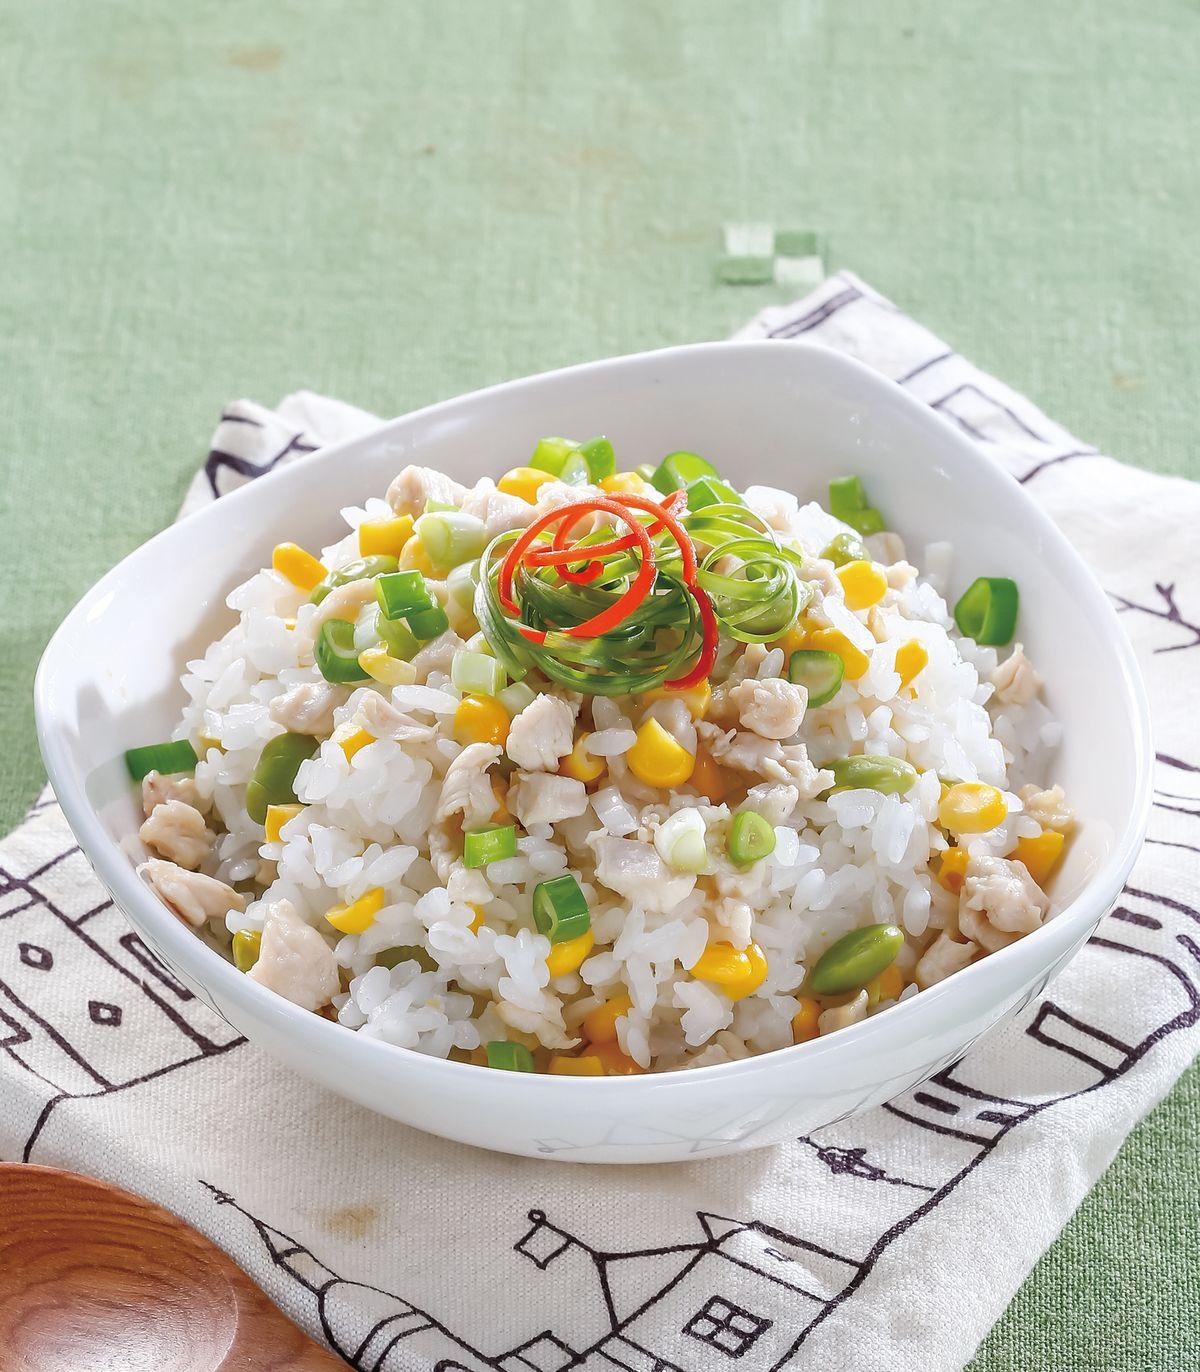 食譜:玉米毛豆雞丁炊飯